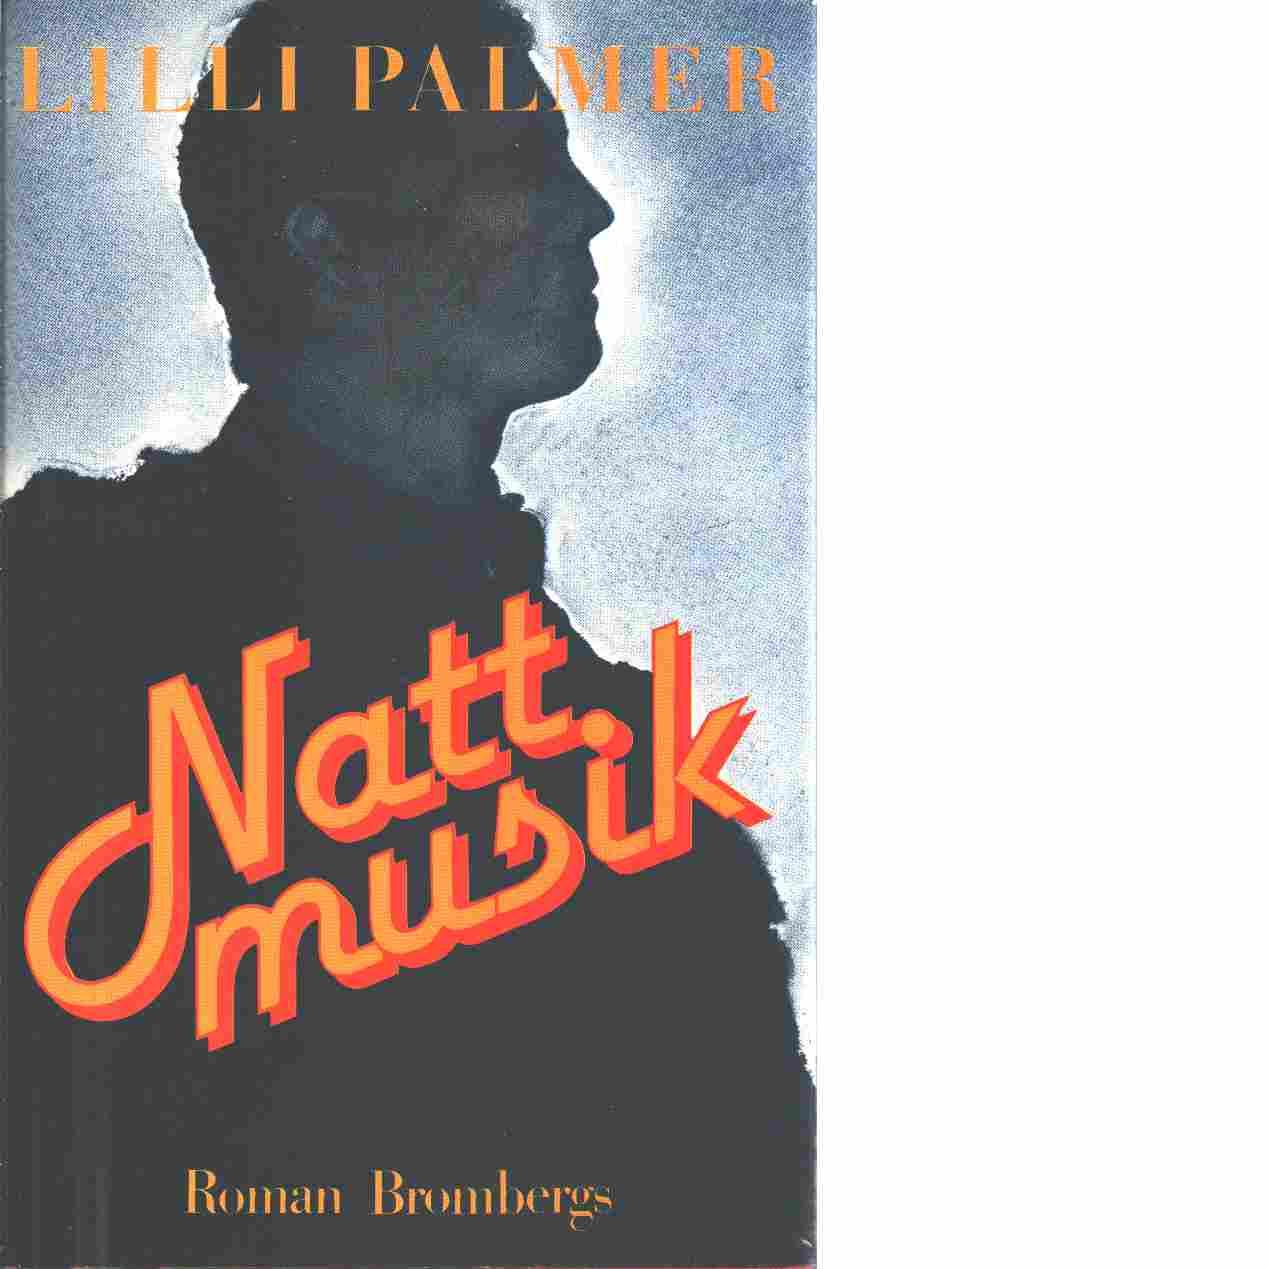 Nattmusik - Palmer, Lilli